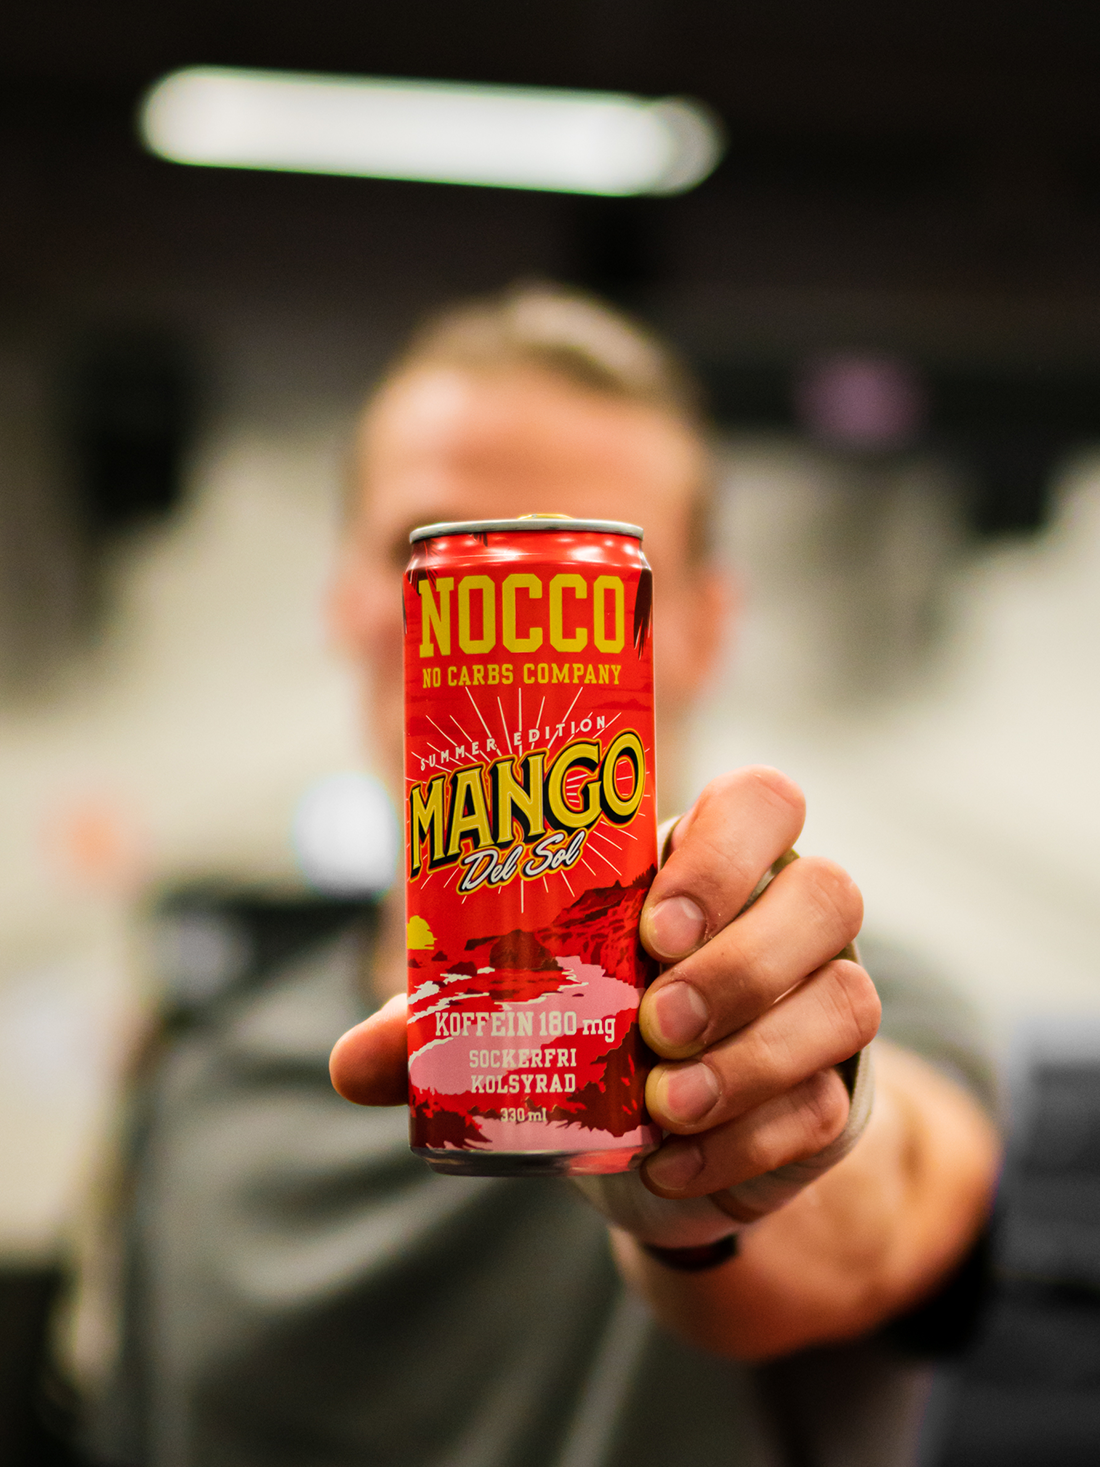 NOCCO Mango Del Sol